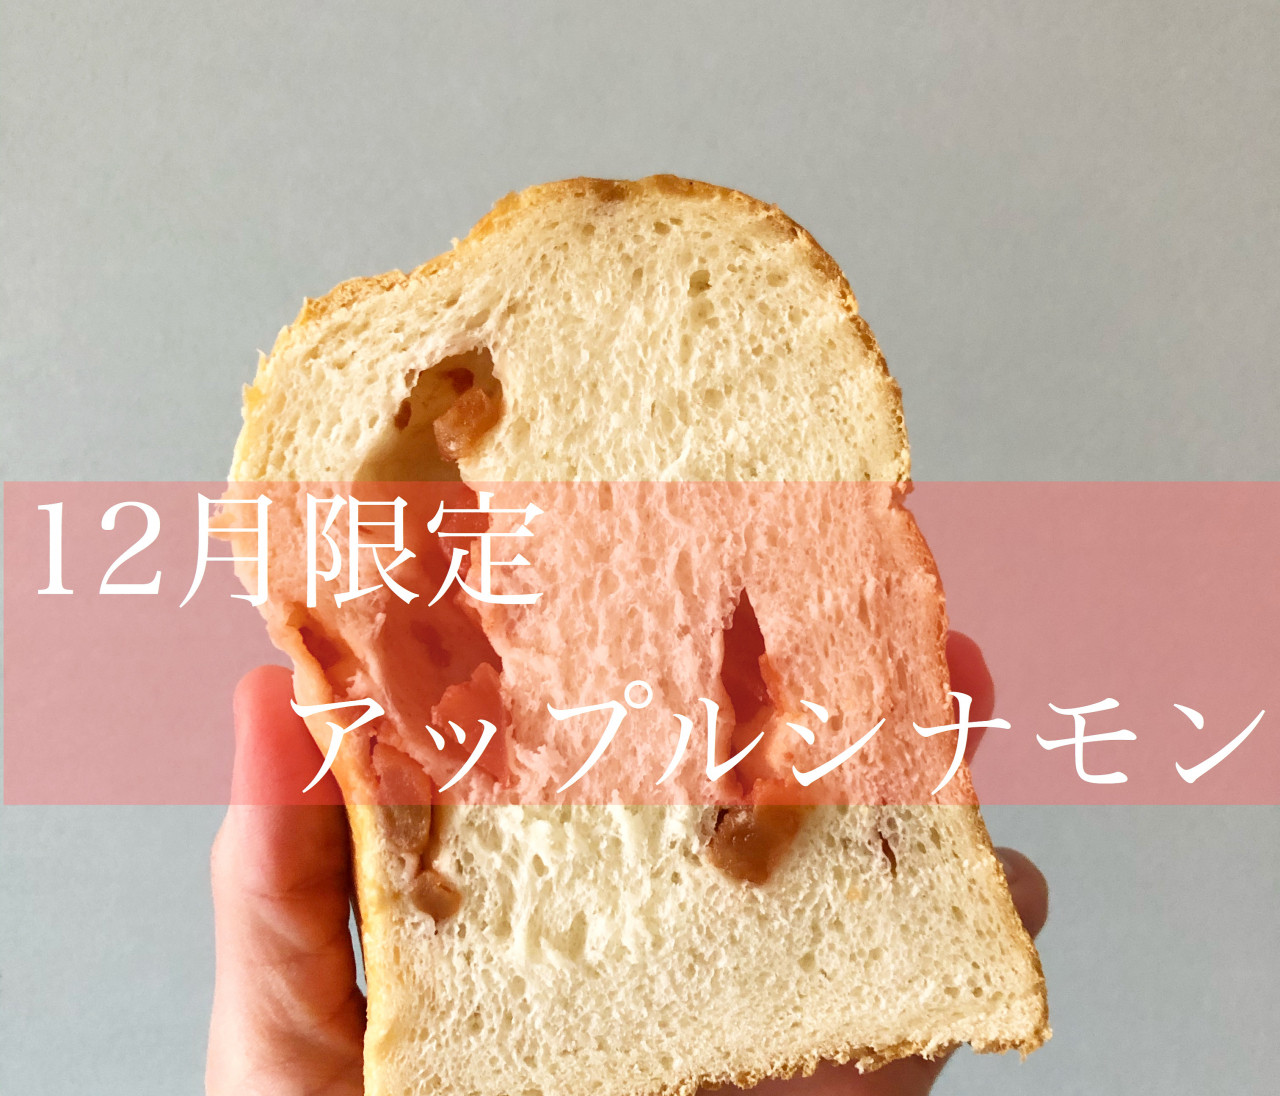 【パン活】トースト派?そのまま派?12月限定アップルシナモン